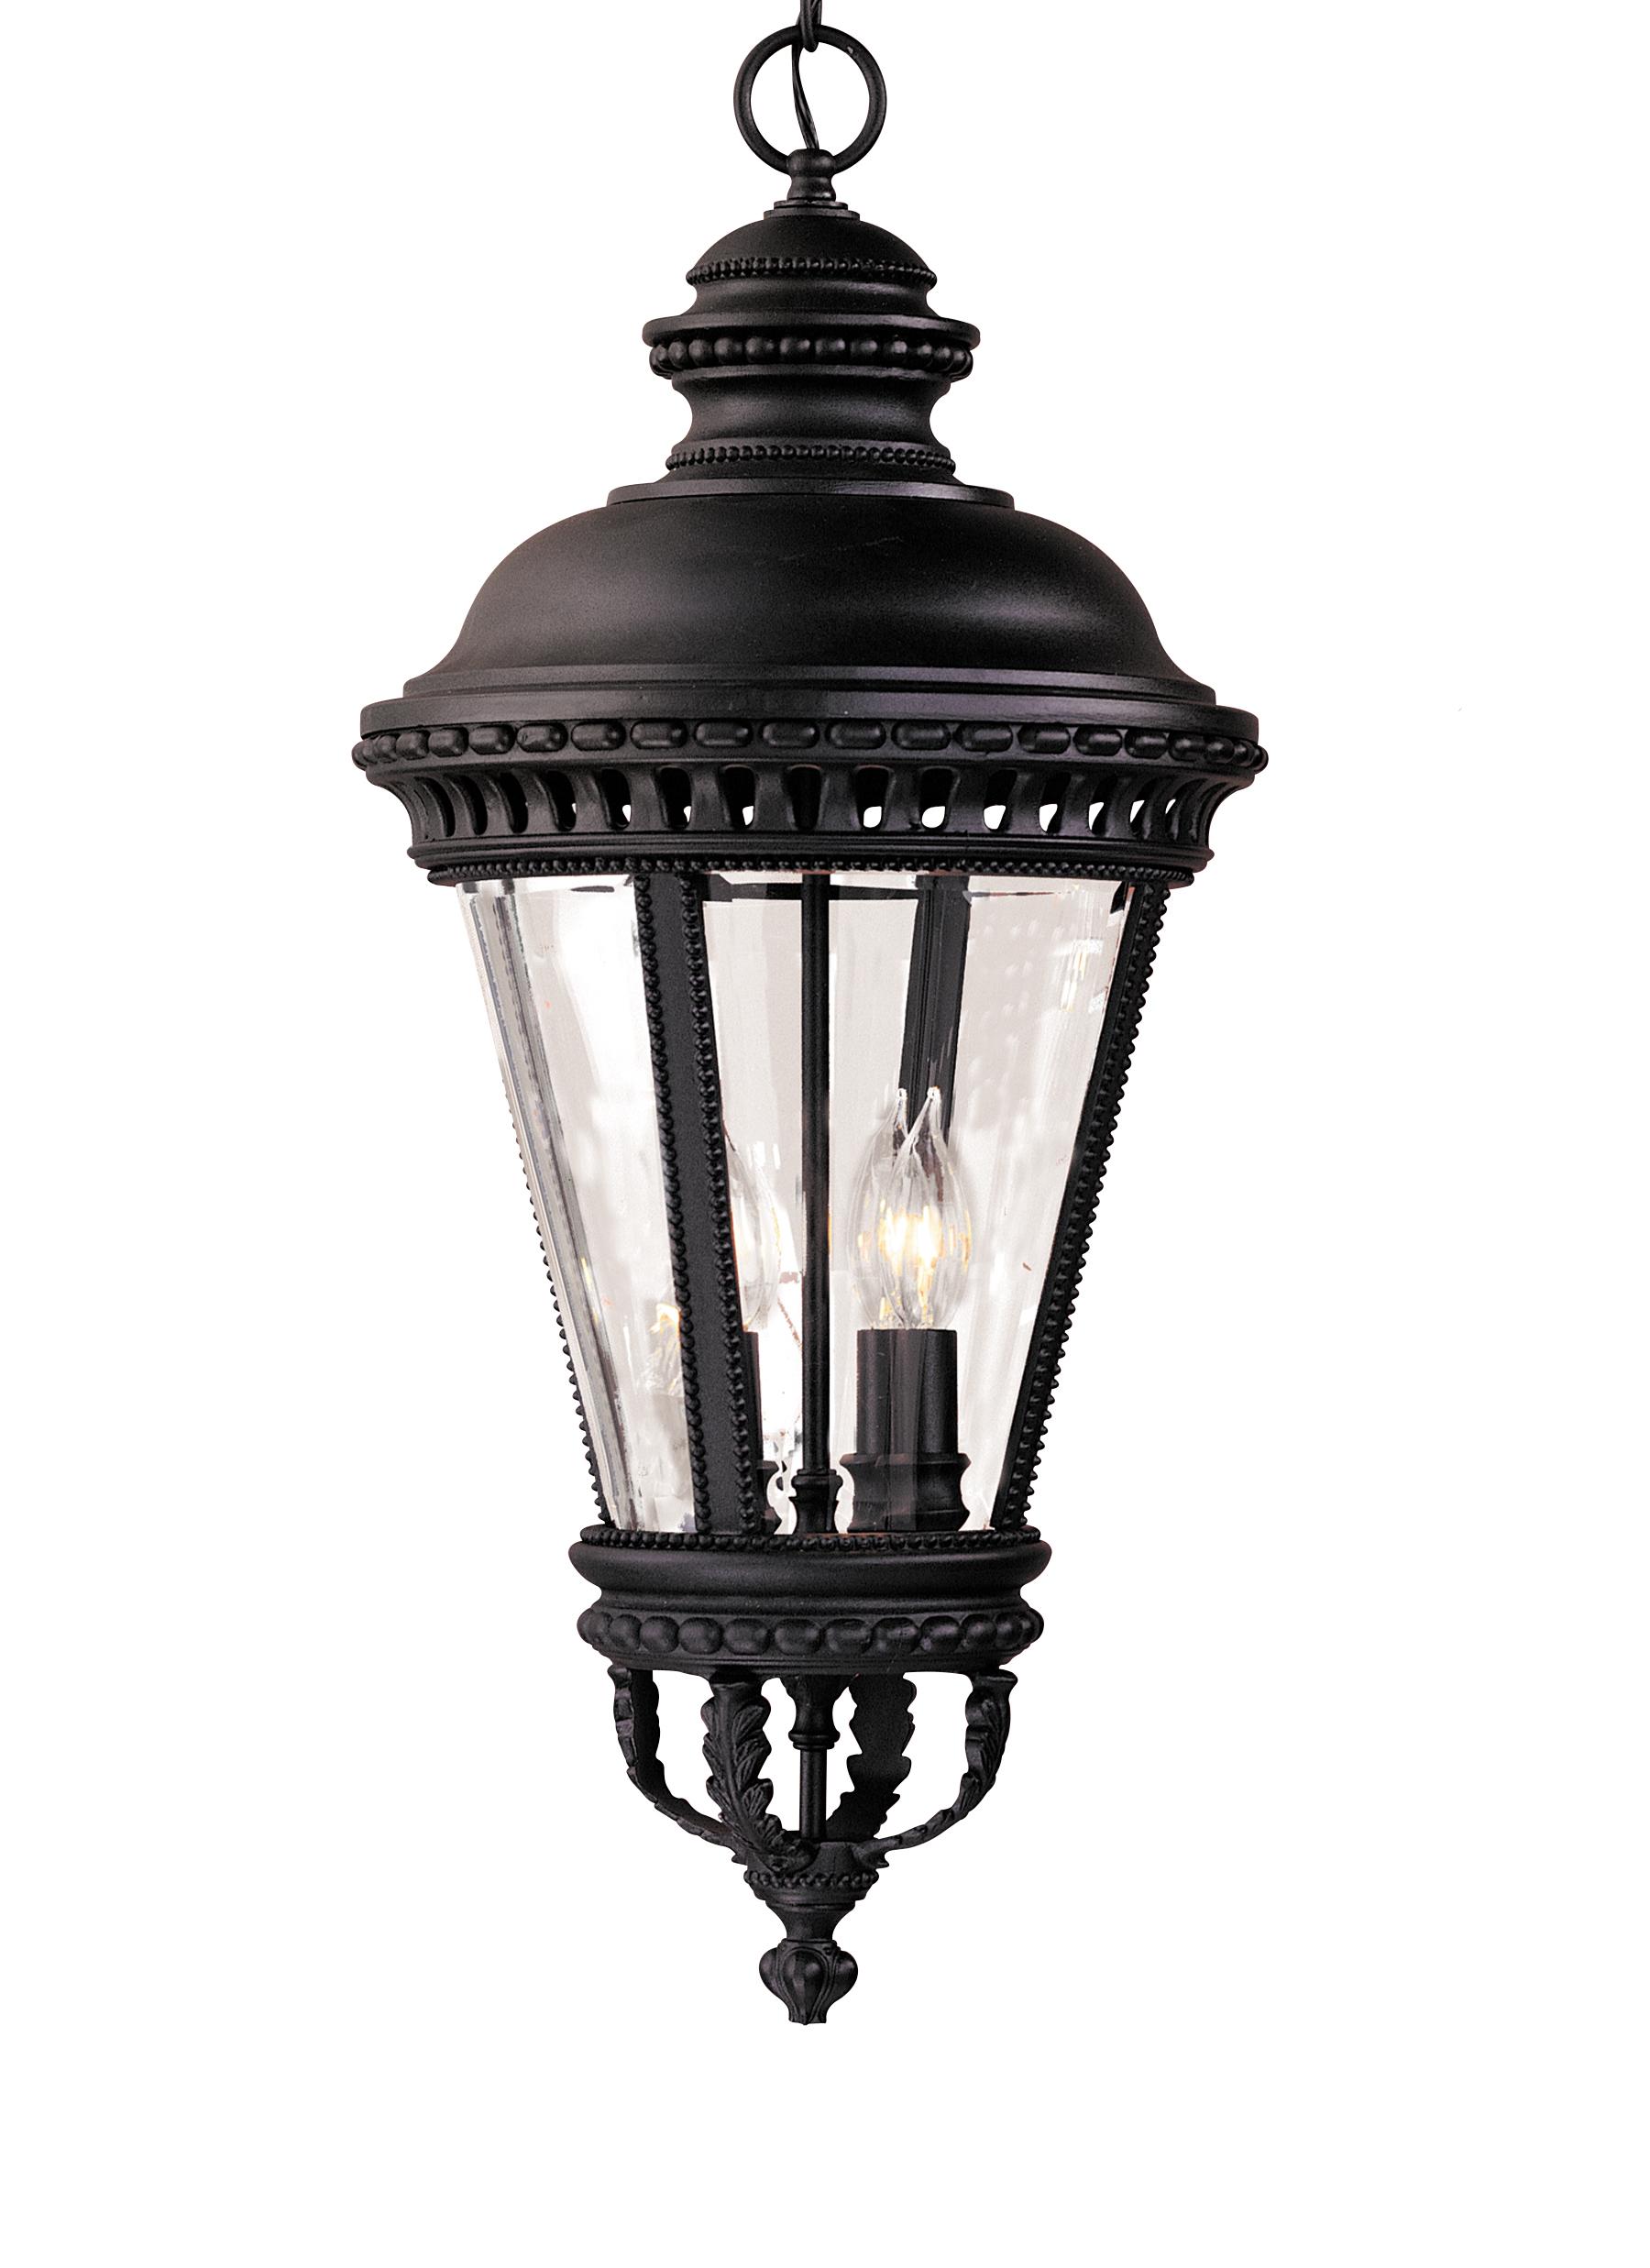 4   Light Pendant Idea